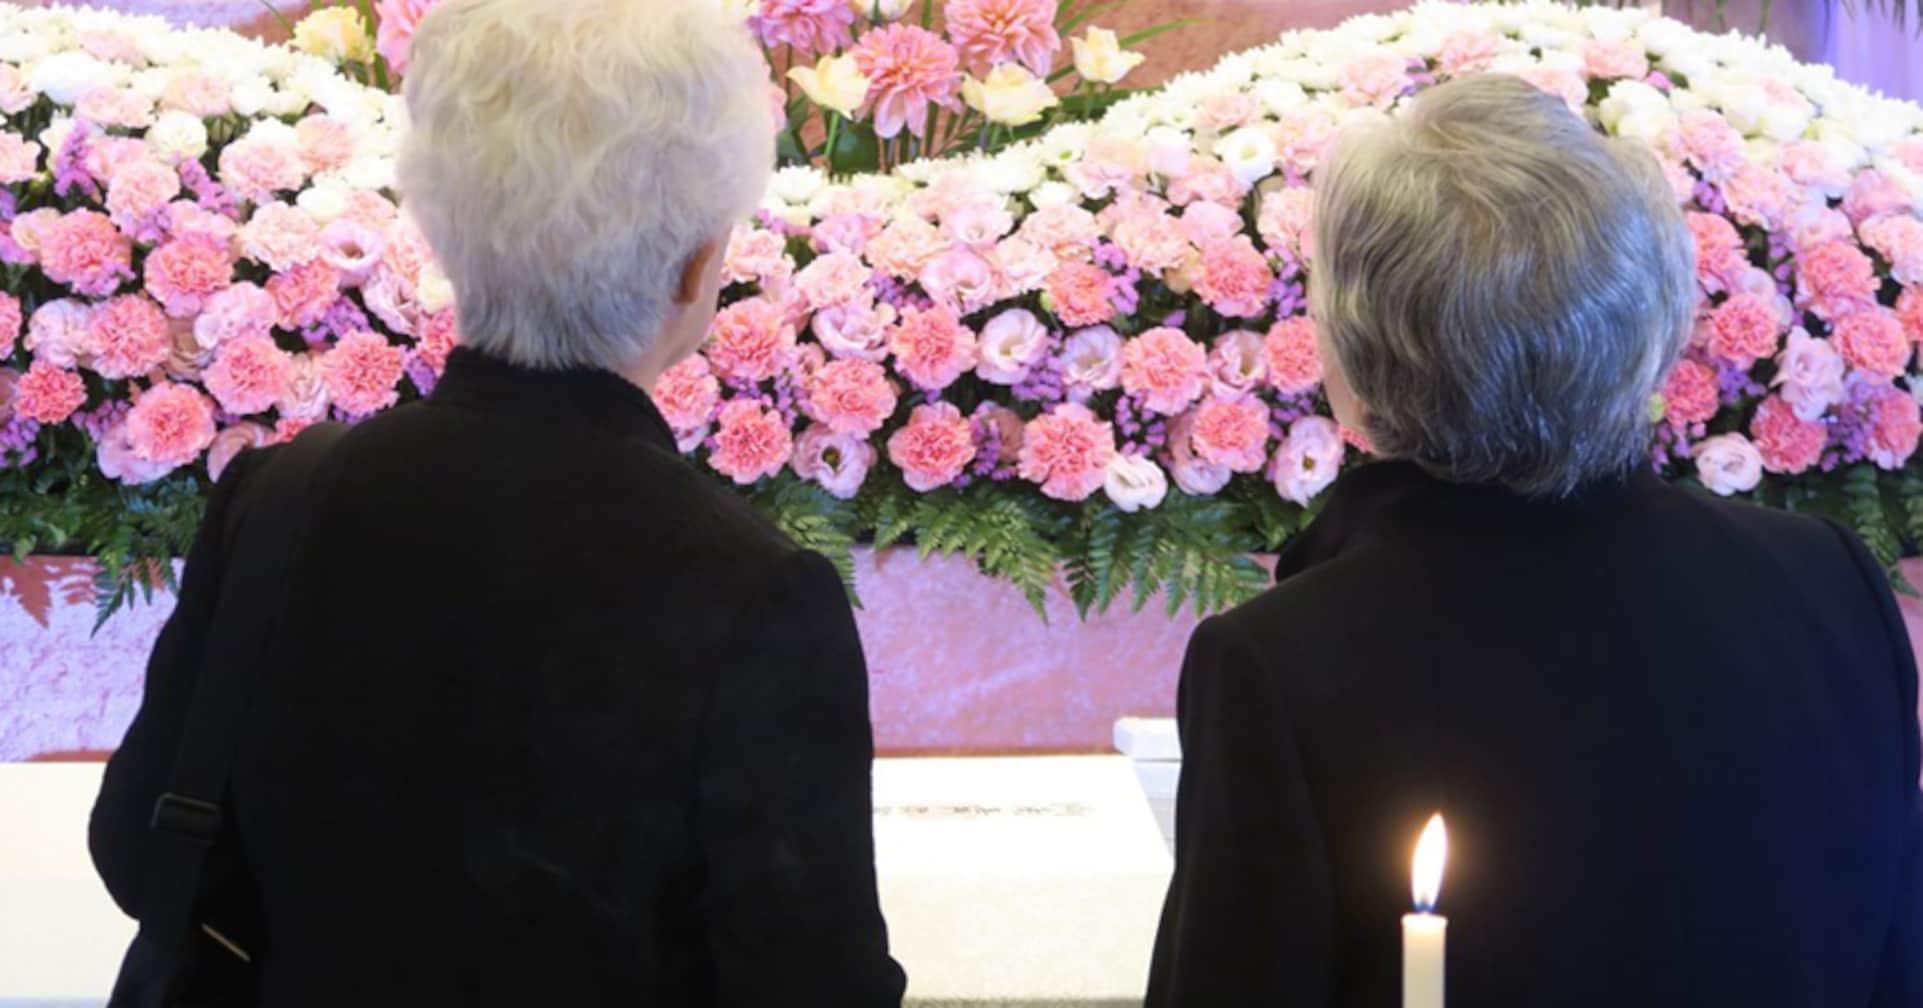 高齢者の葬式にばかり出ていると、この行為を失礼だと思う感覚がなくなってくる → 「これ、激しく同意」「社会通念も変わっていくんだね」と共感の声多数